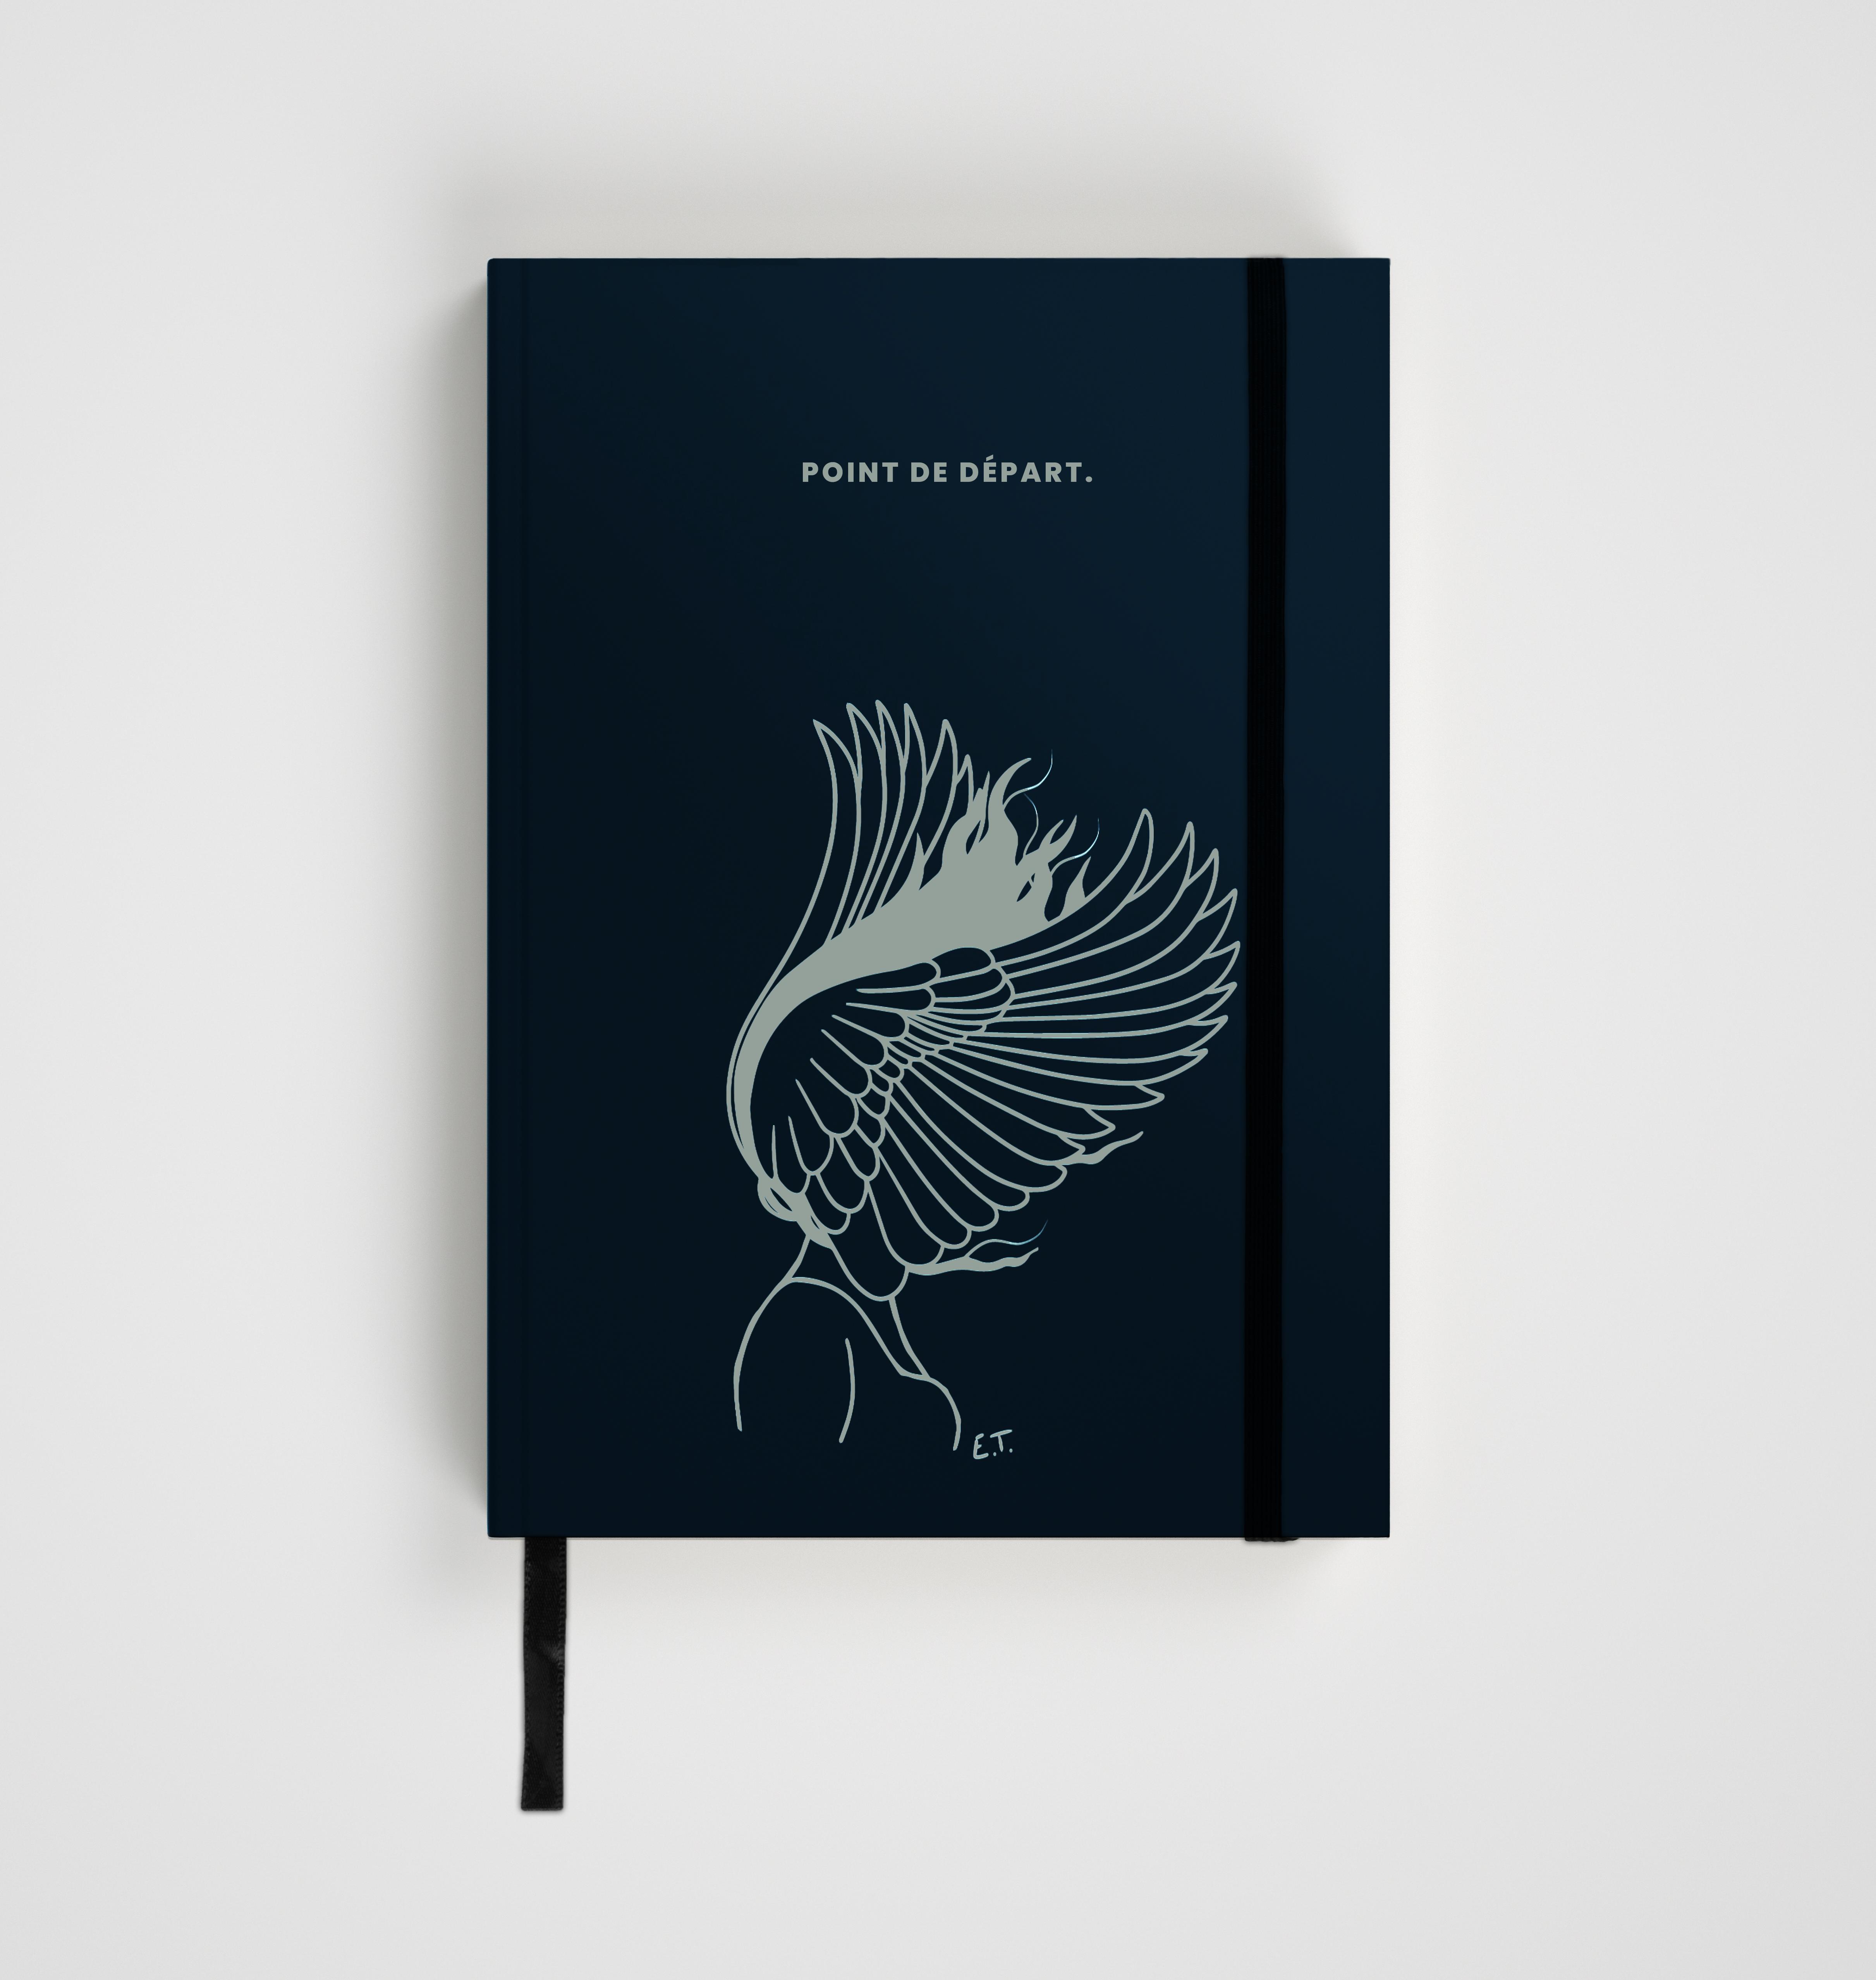 Bullet journal (édition limitée)